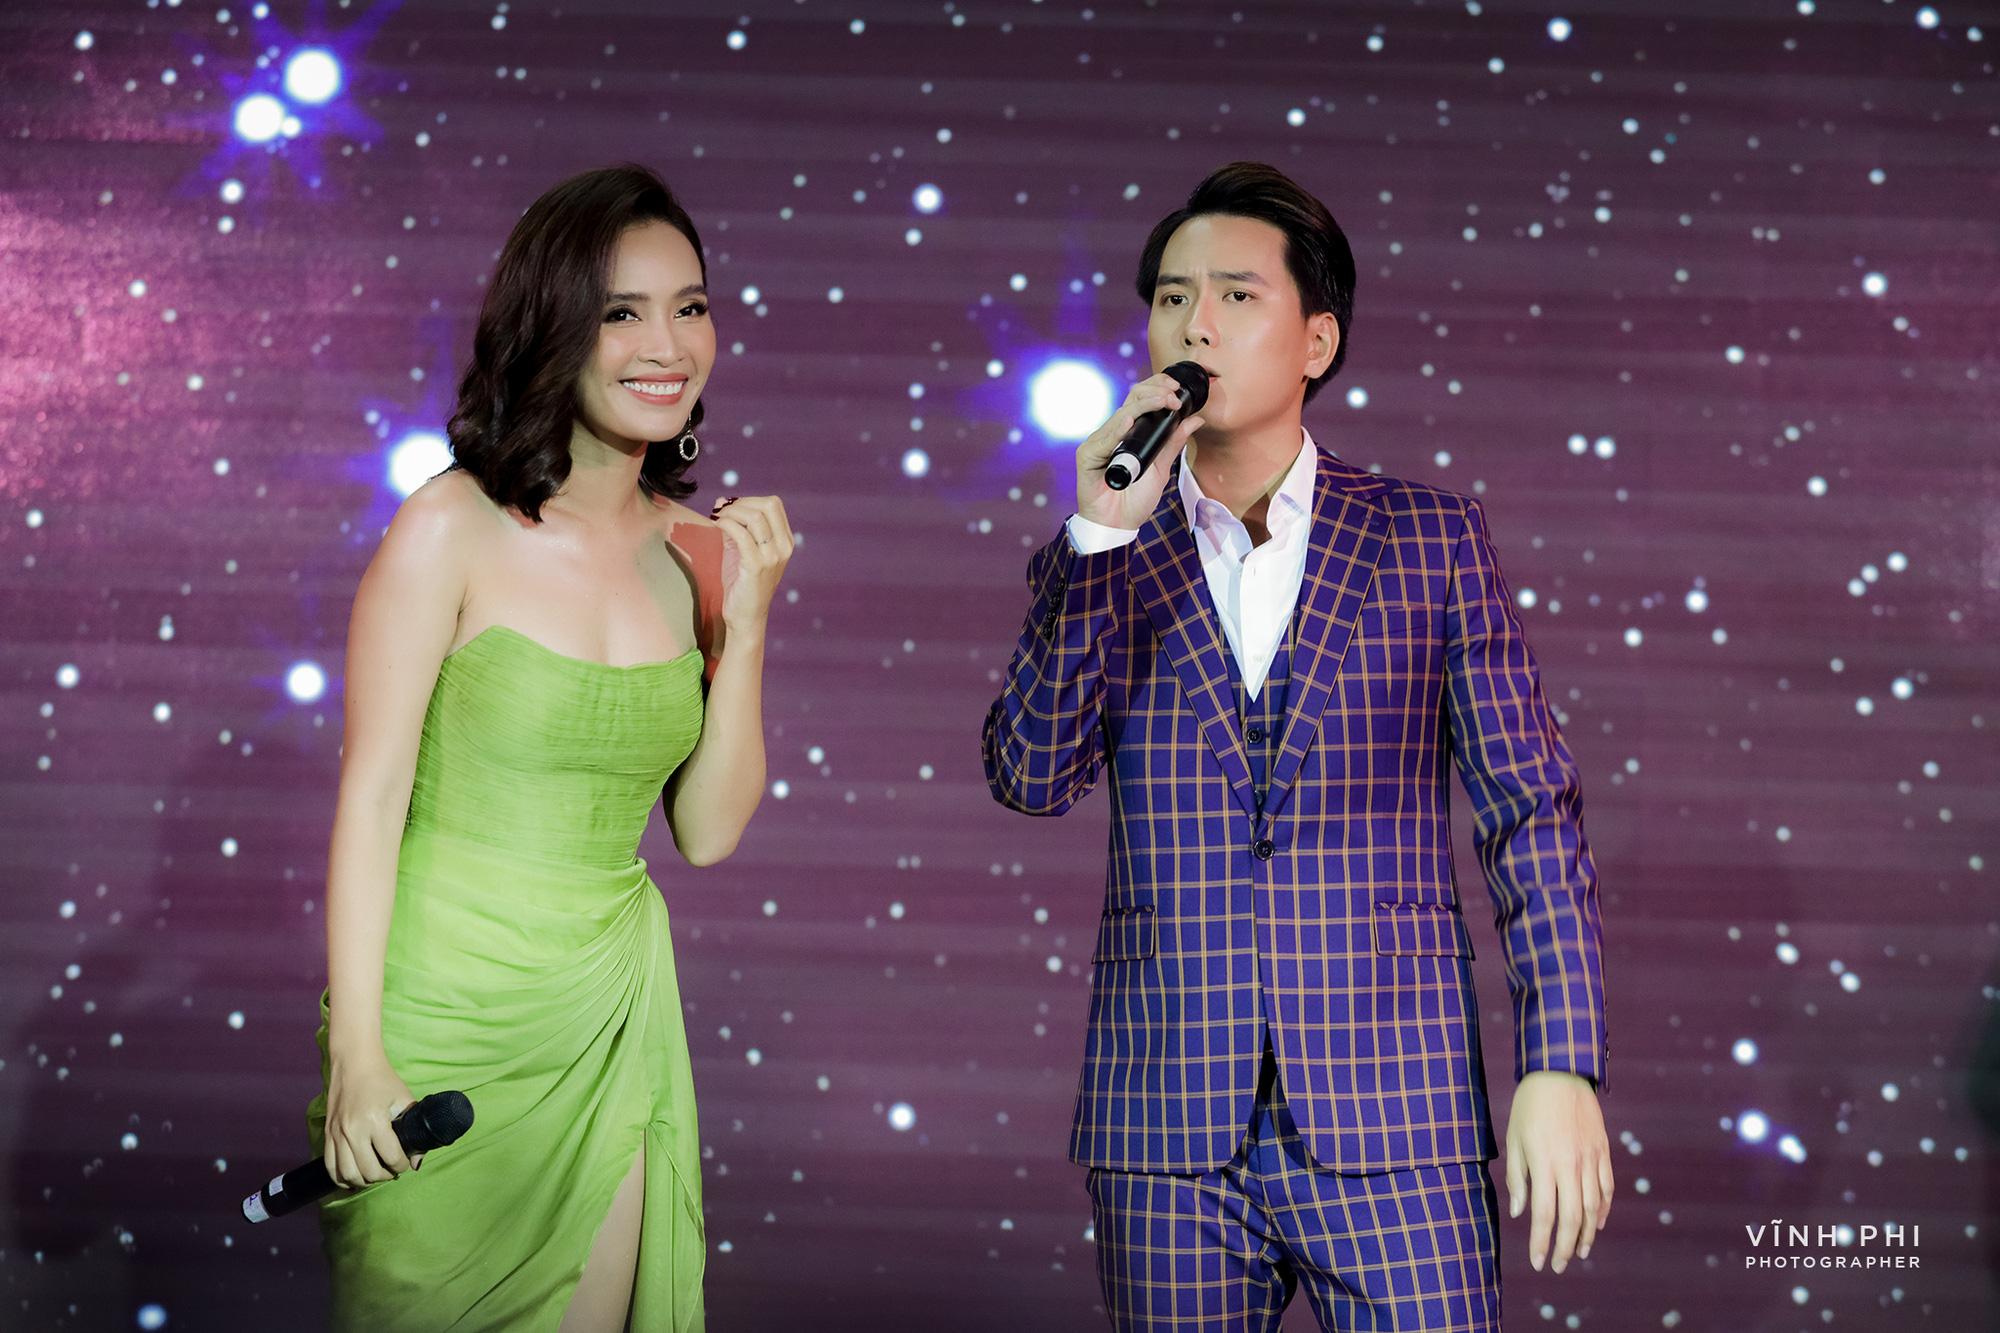 """Nam ca sĩ được ví như """"Hoài Lâm thứ hai"""" được Nguyễn Minh Cường phát hiện là ai? - Ảnh 1."""